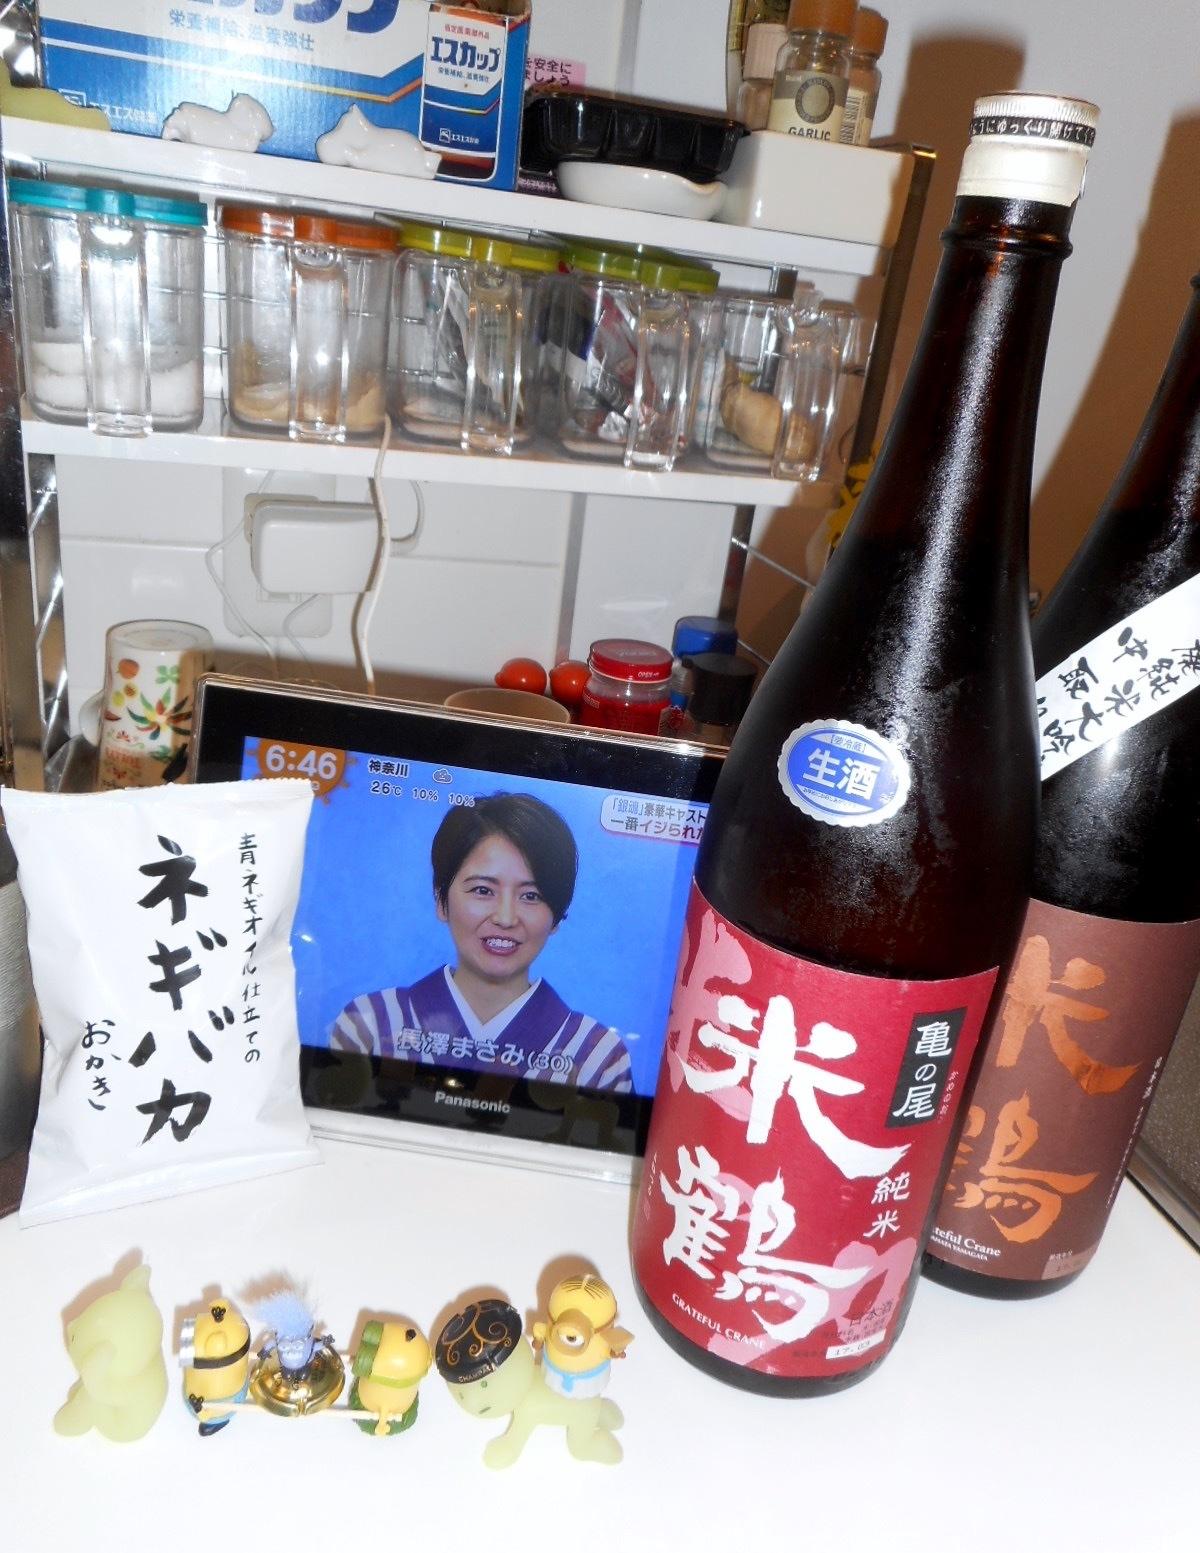 yonetsuru_kamenoo65nama_28by3.jpg